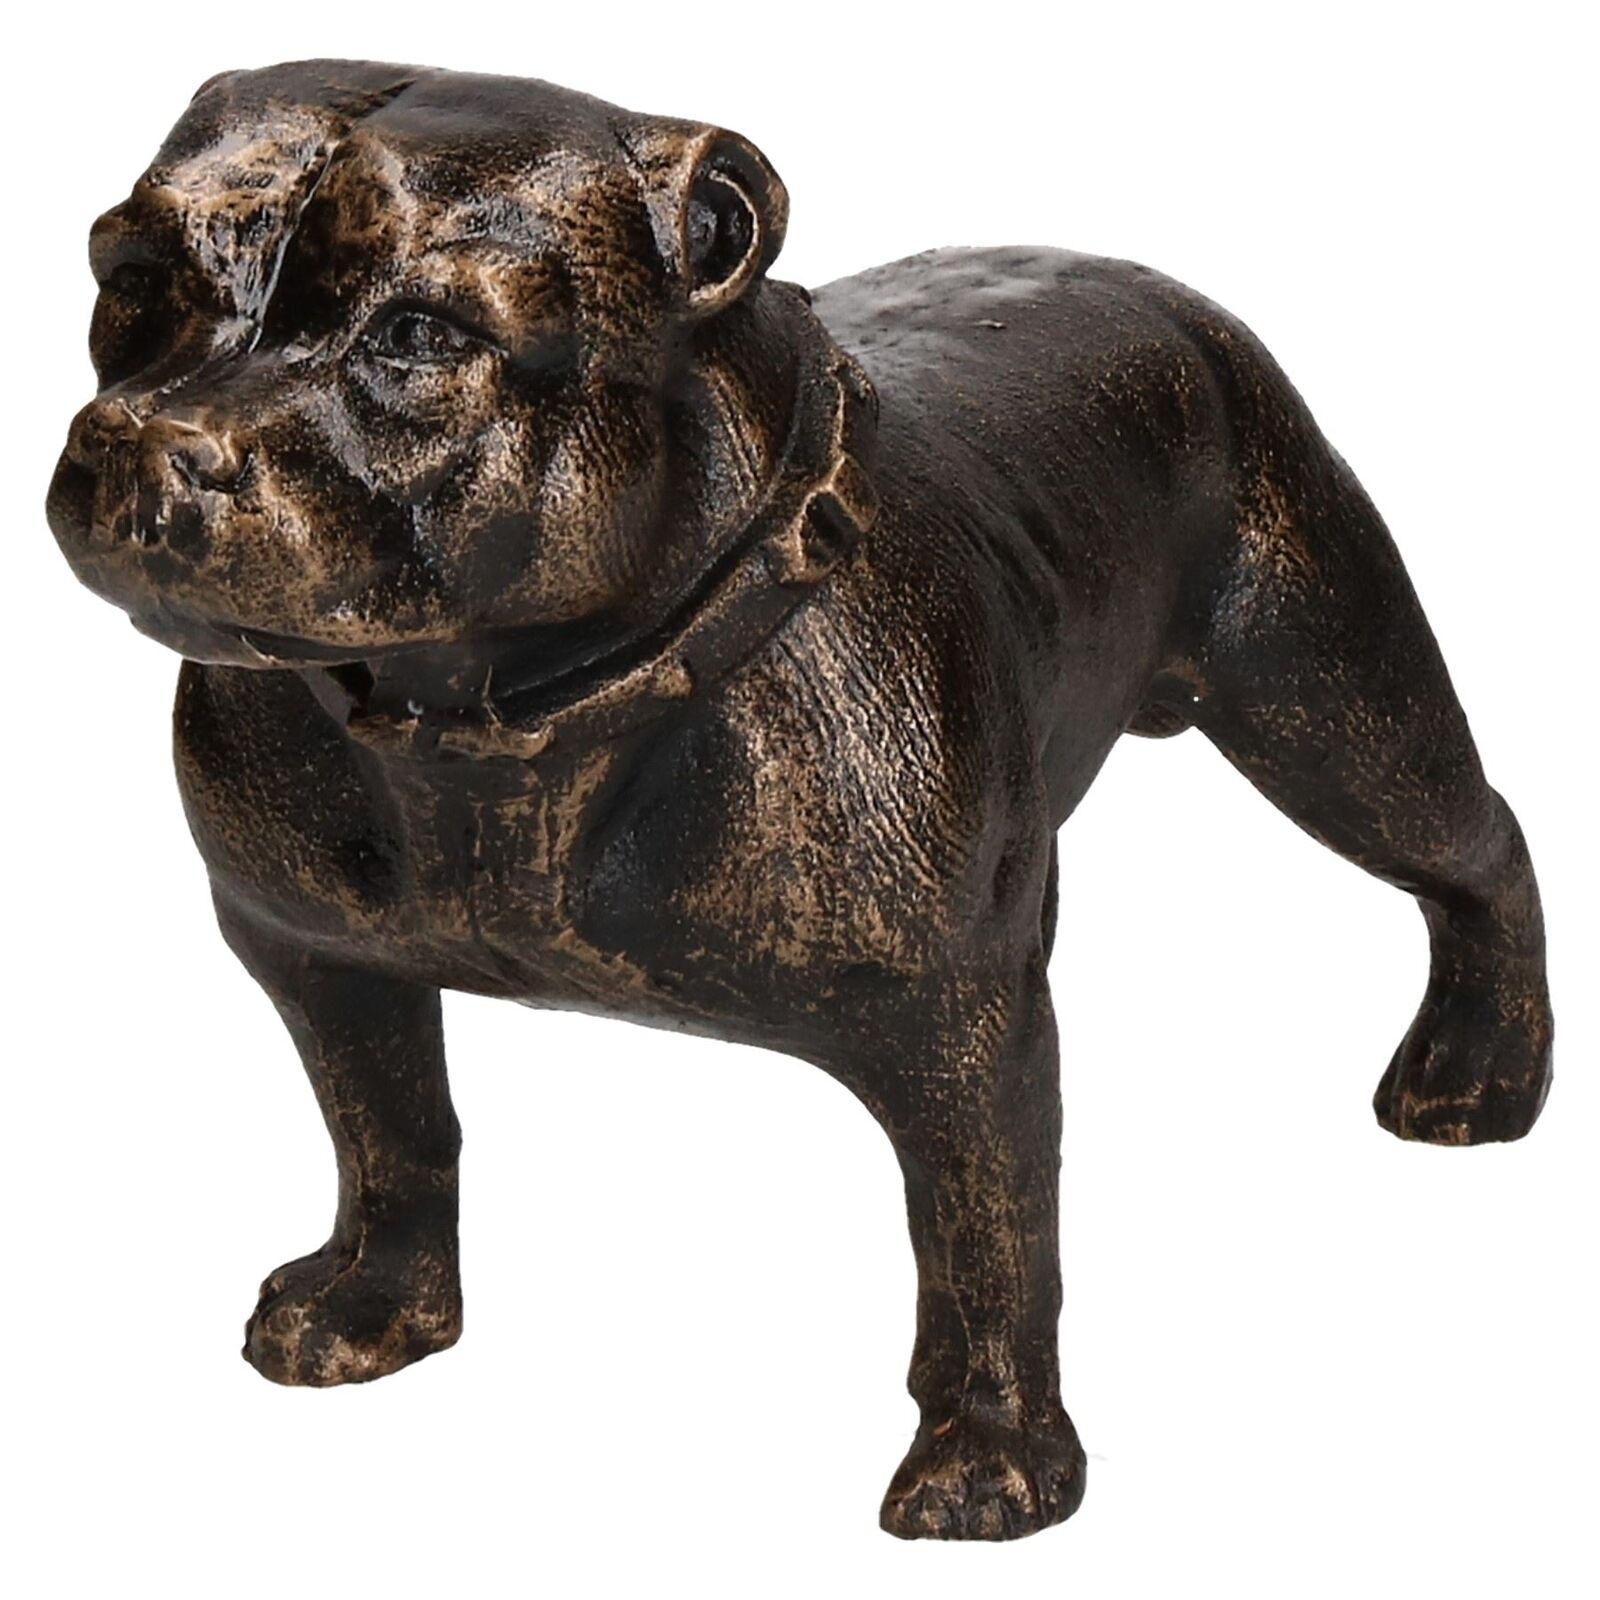 Pit-Bull Terrier Dog statue en fonte Figura Sculpture ornement Trophée Staffy